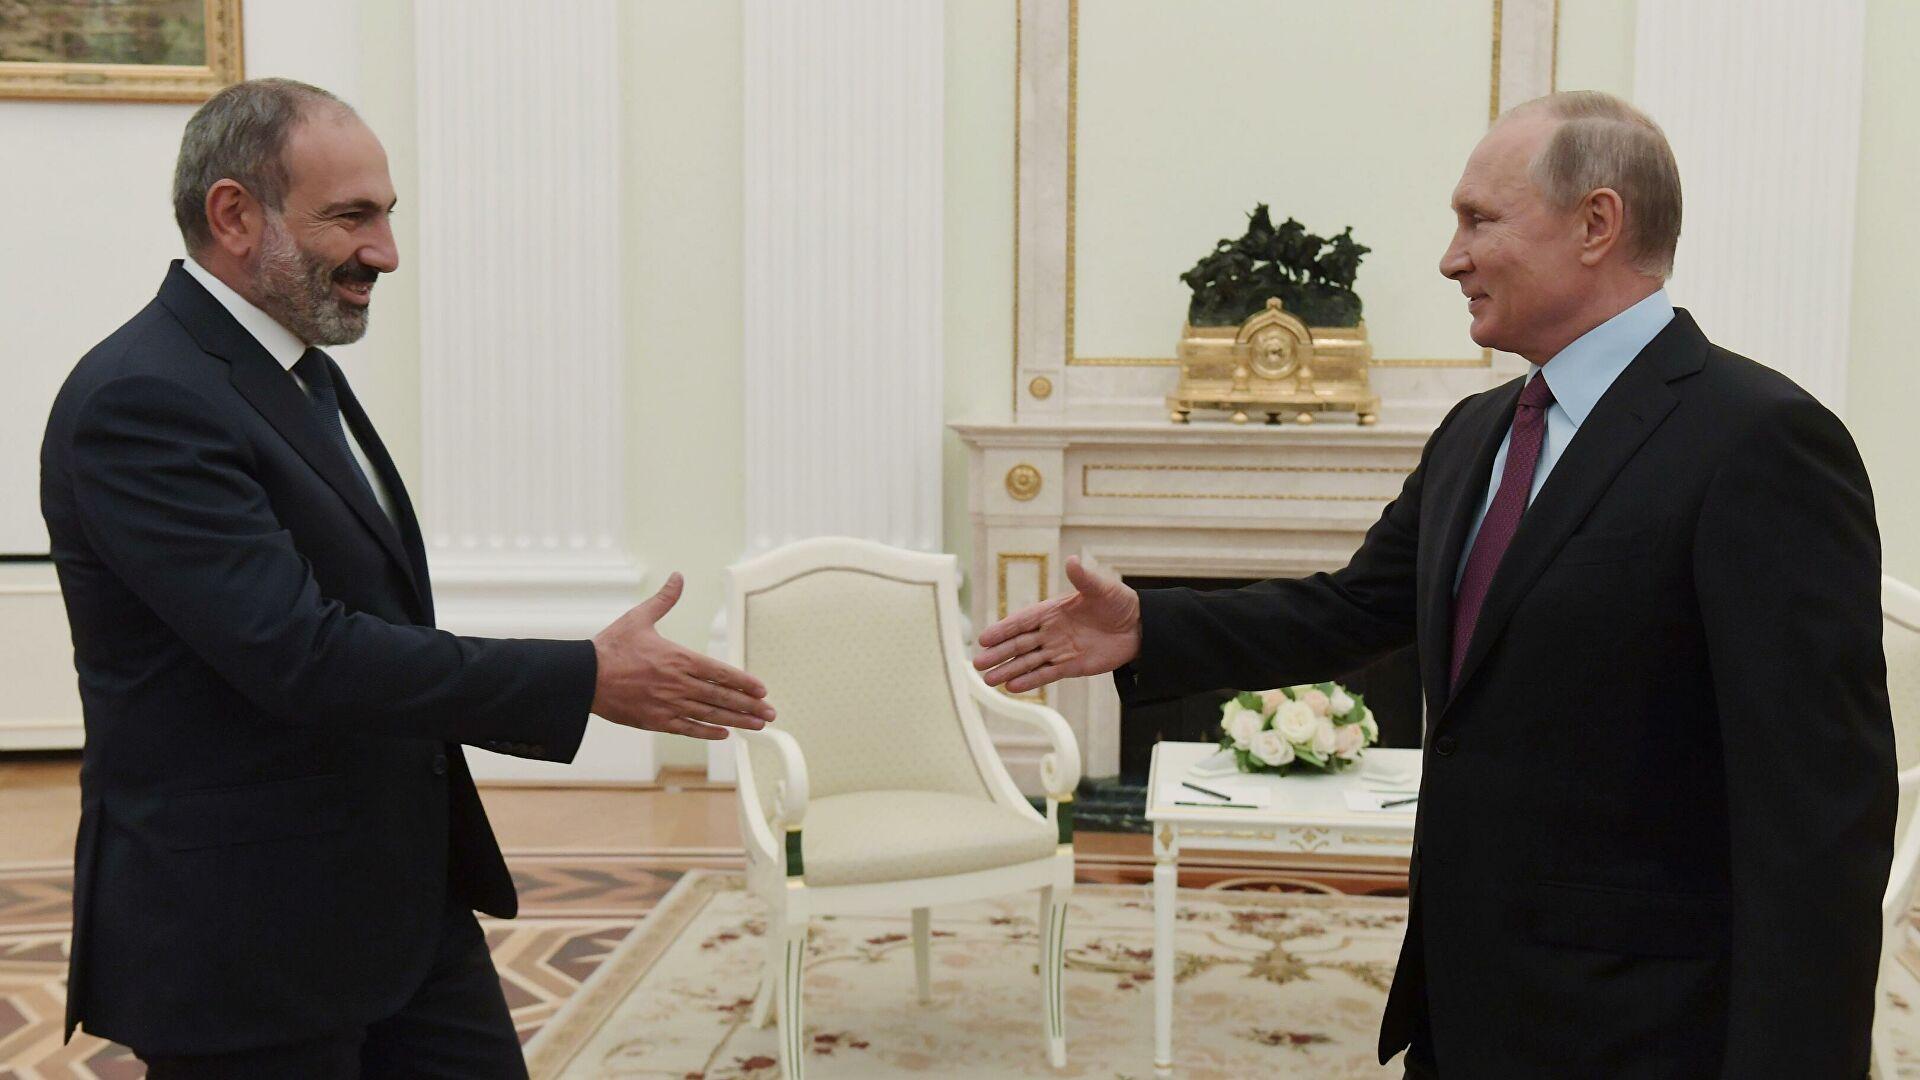 Пашинян заявил о хороших и теплых отношениях с Путиным